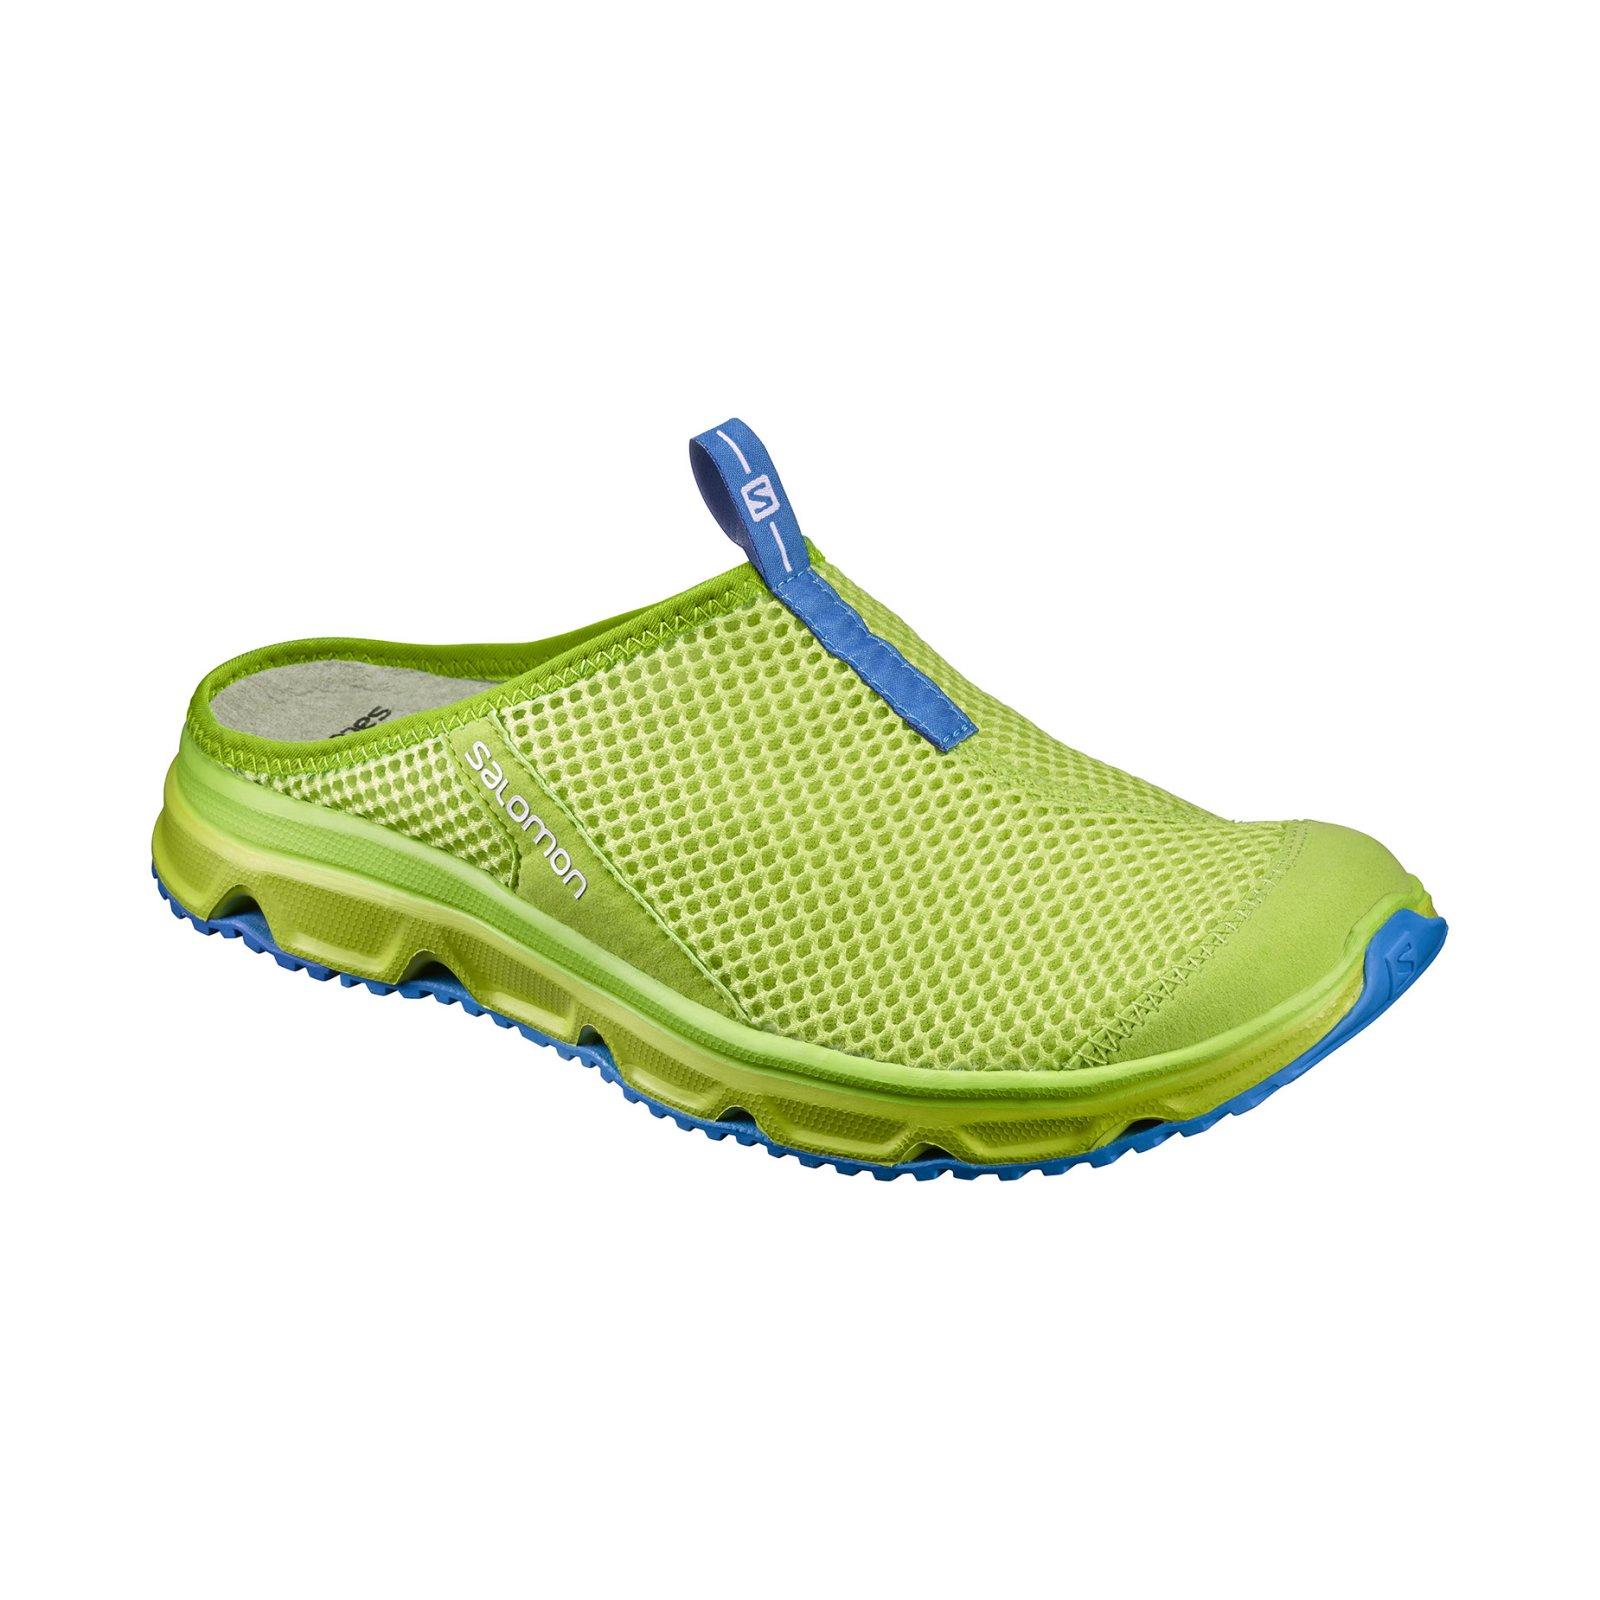 Pantofle Salomon RX Slide 3.0 M L39244400 - Actisport.cz 489ee96d9f